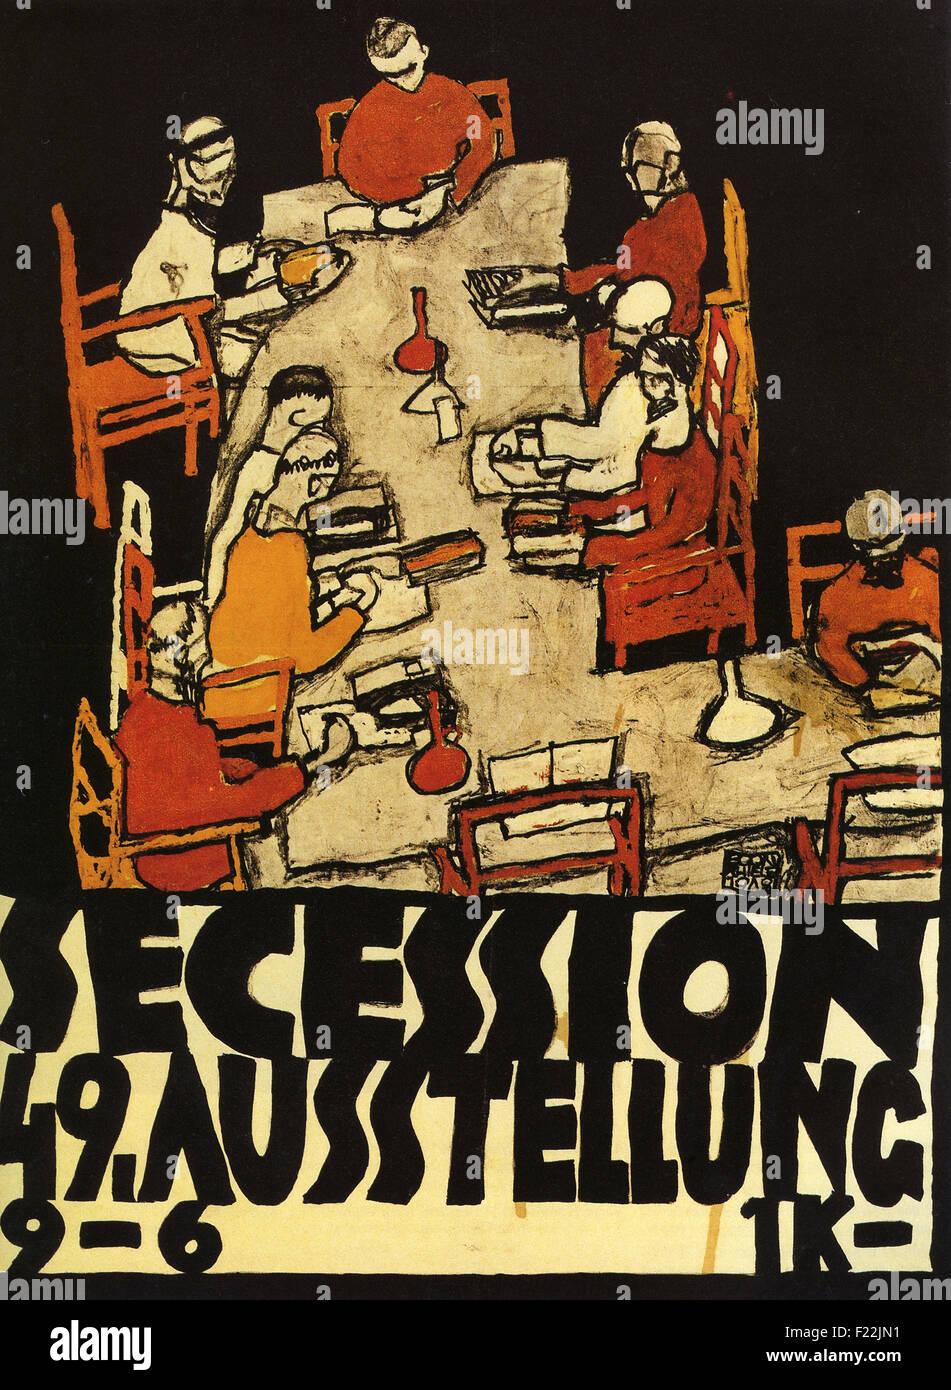 Egon Schiele - Affiche de la Sécession viennoise, 49e Exposition, Die Freunde Photo Stock